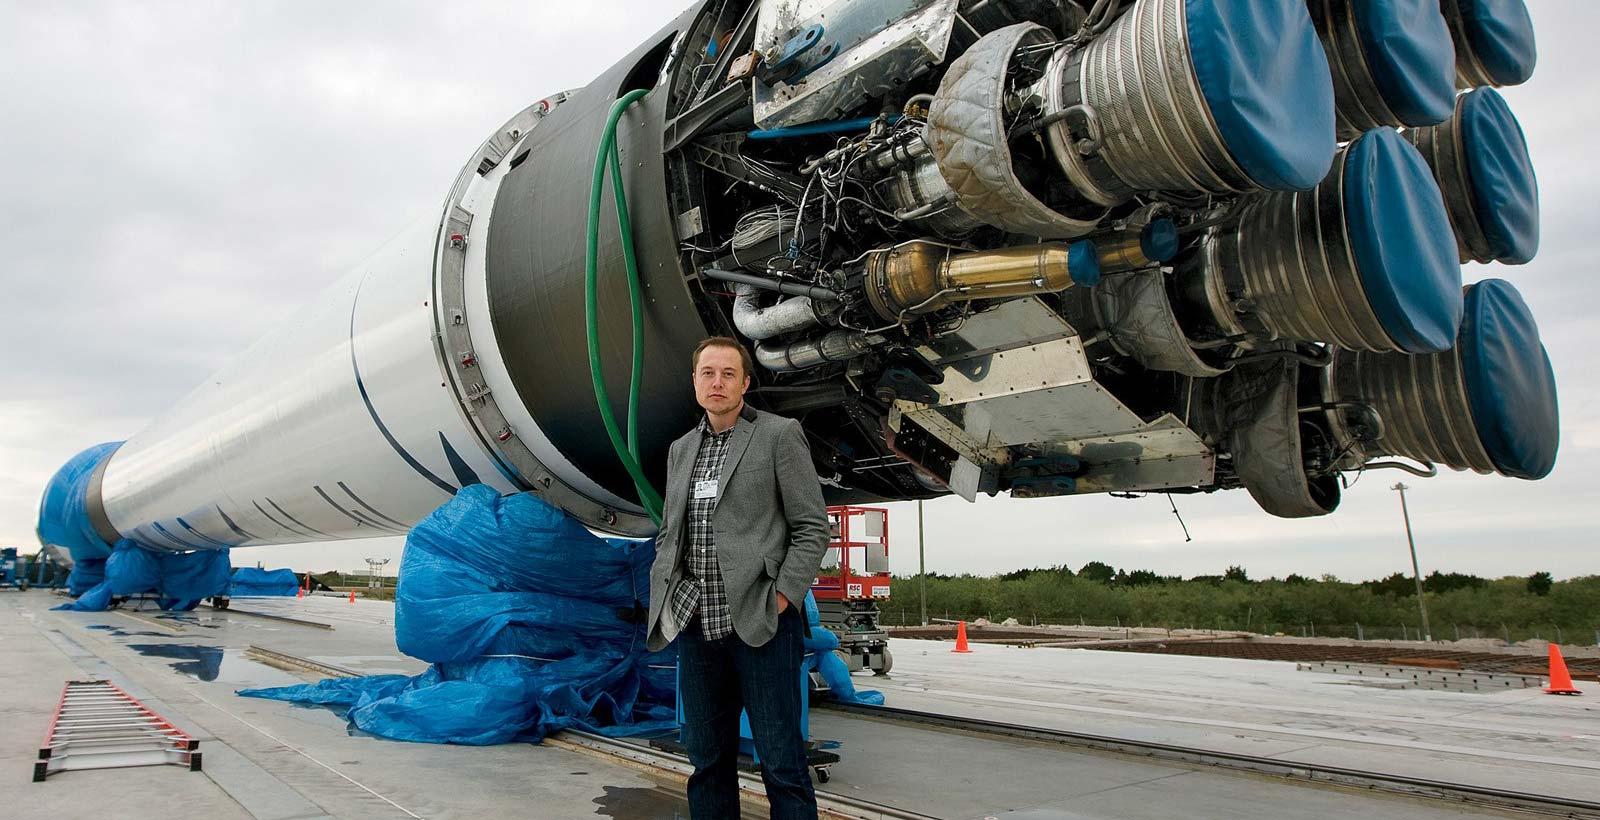 Elon Musk devant le propulseur du lanceur Falcon9.